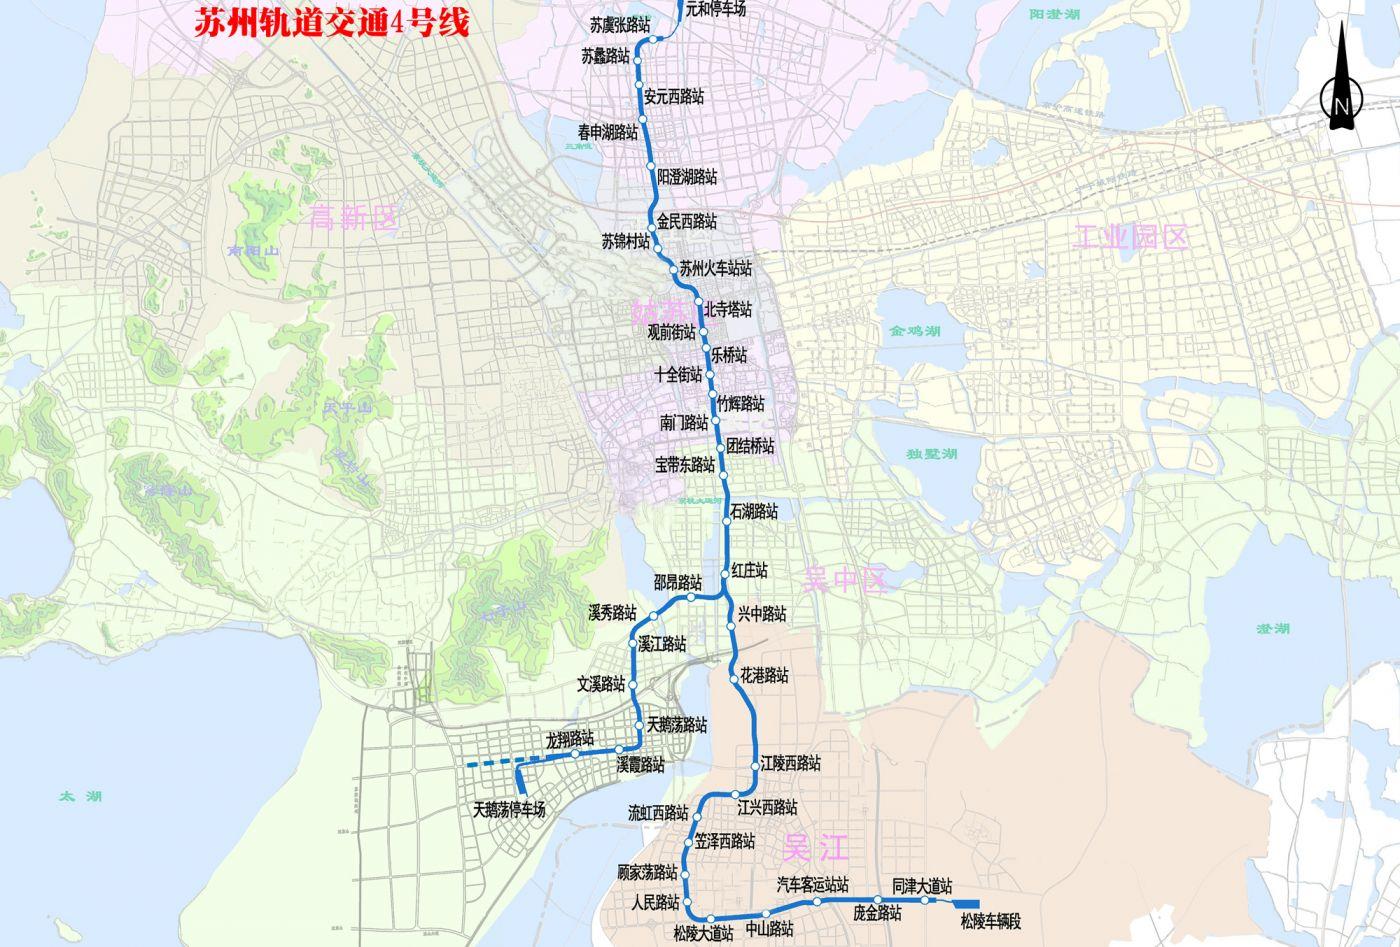 苏州地铁4号线线路图 站点分布详情